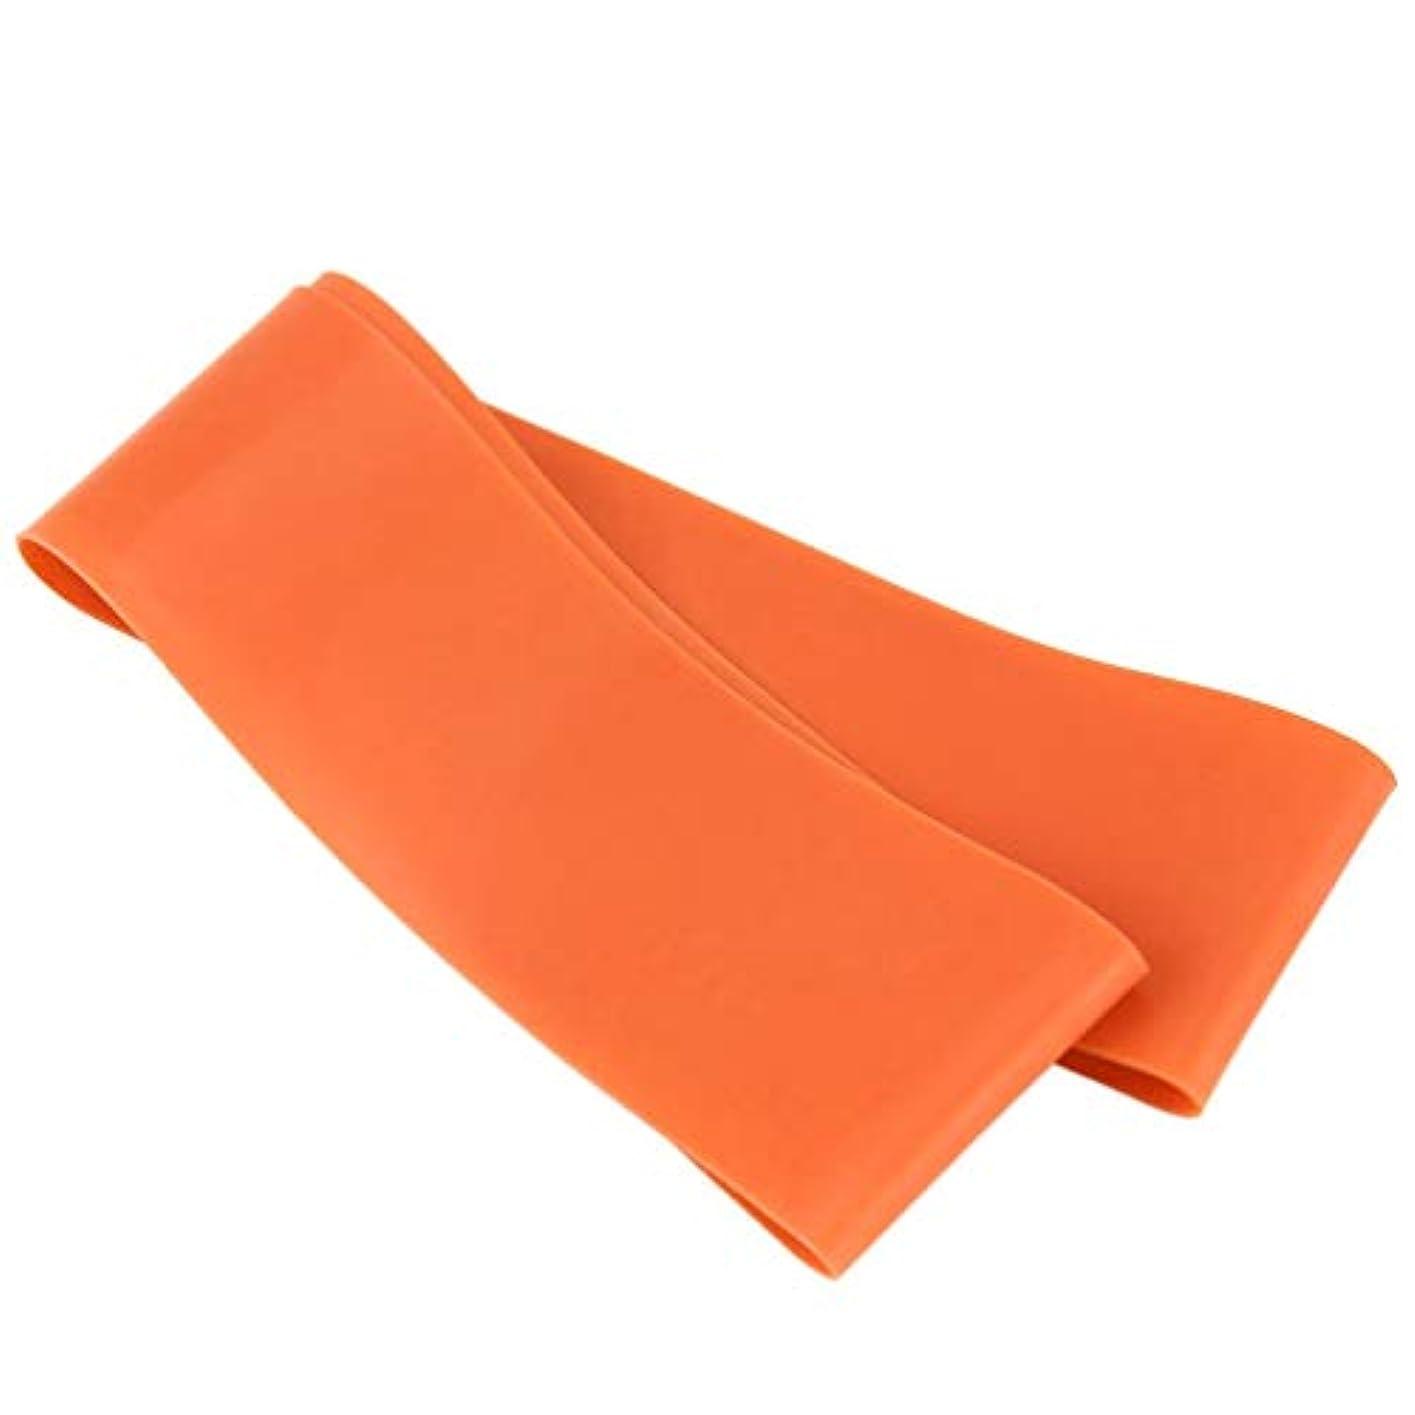 ブーム表面戸惑う滑り止めの伸縮性のあるゴム製伸縮性がある伸縮性があるヨガベルトバンド引きロープの張力抵抗バンドループ強度のためのフィットネスヨガツール - オレンジ